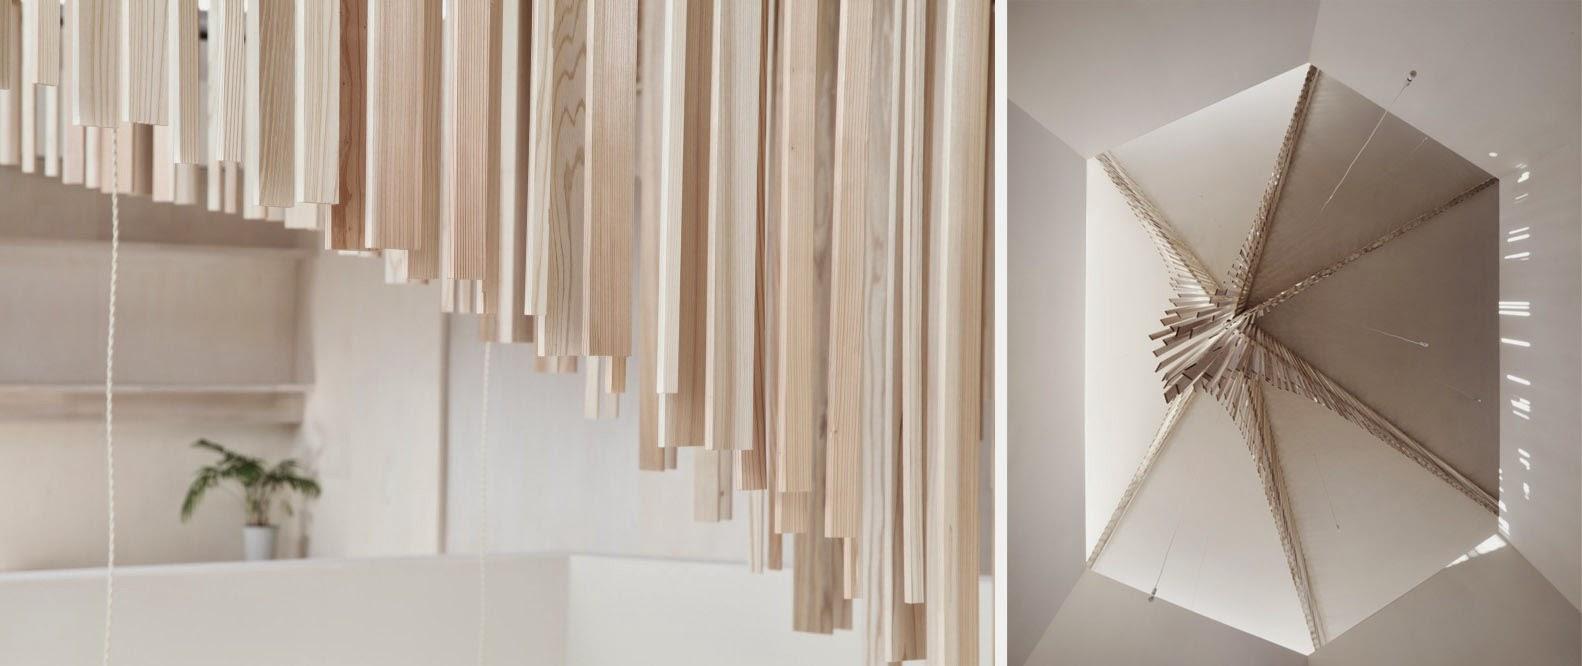 Estalactitas de madera a modo de celosia espacios en madera for Celosias en madera